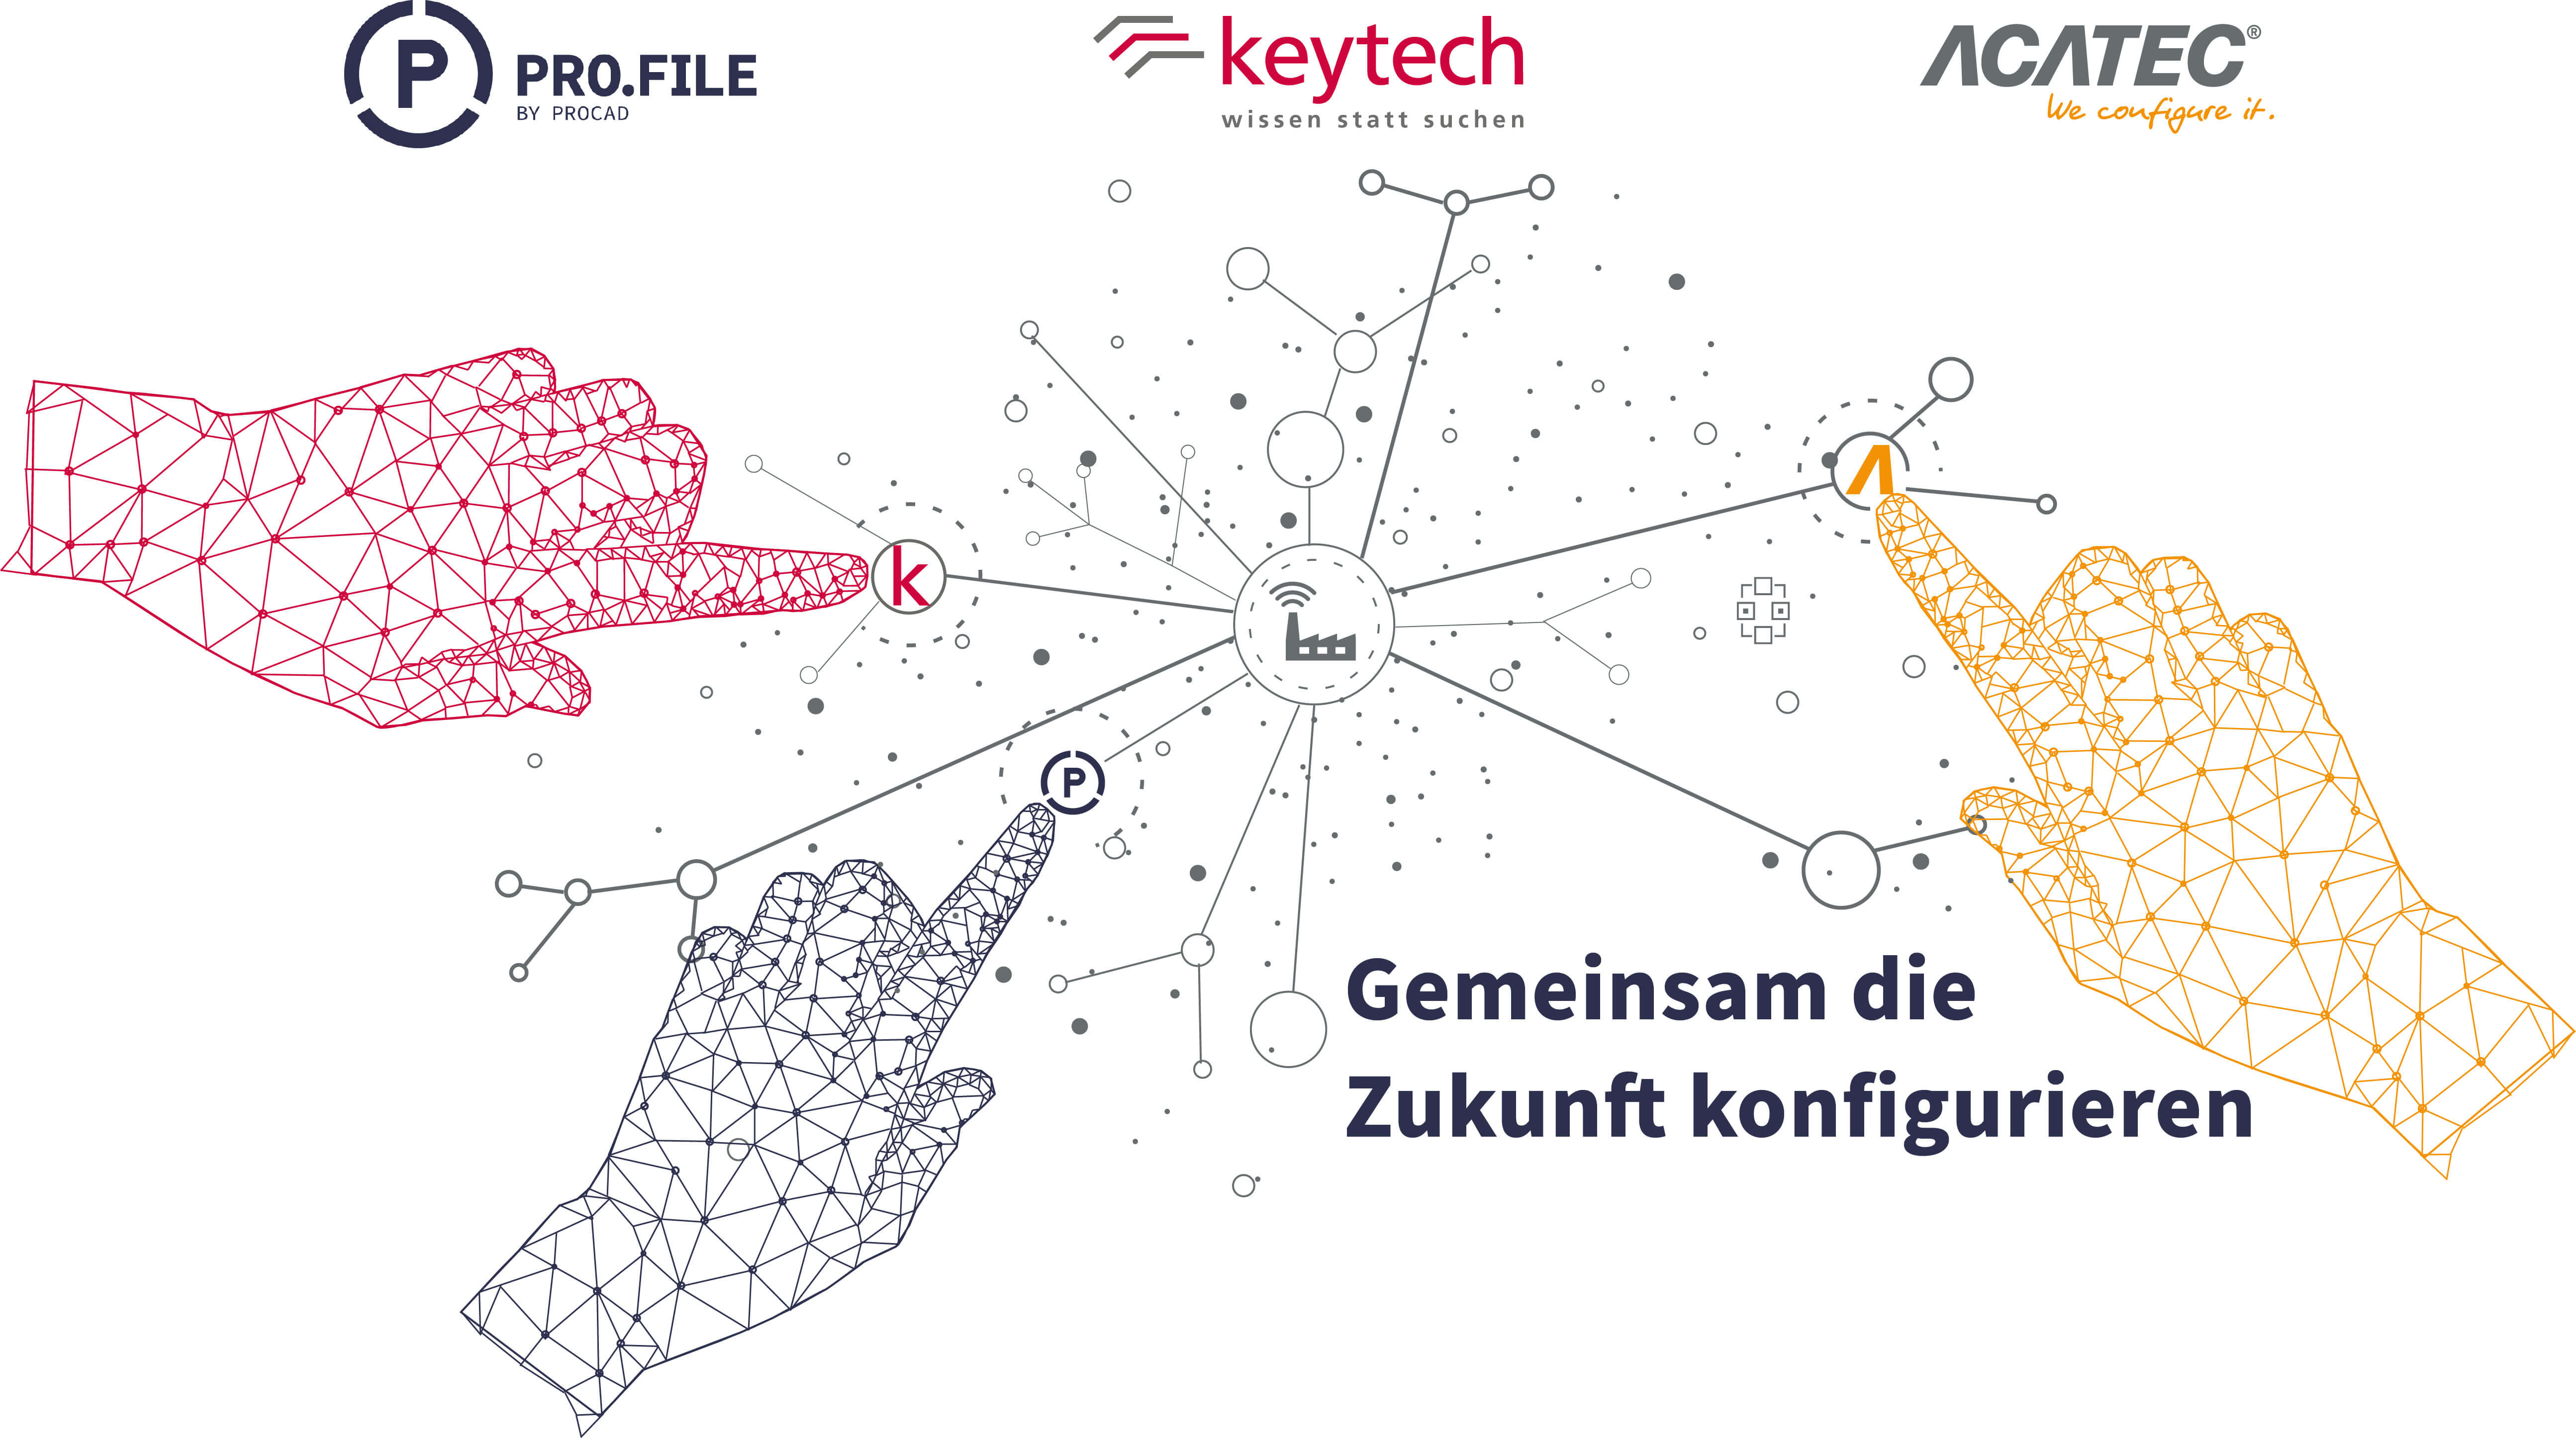 Gebündelte Kompetenz auf dem PLM-Markt: PROCAD und keytech fusionieren